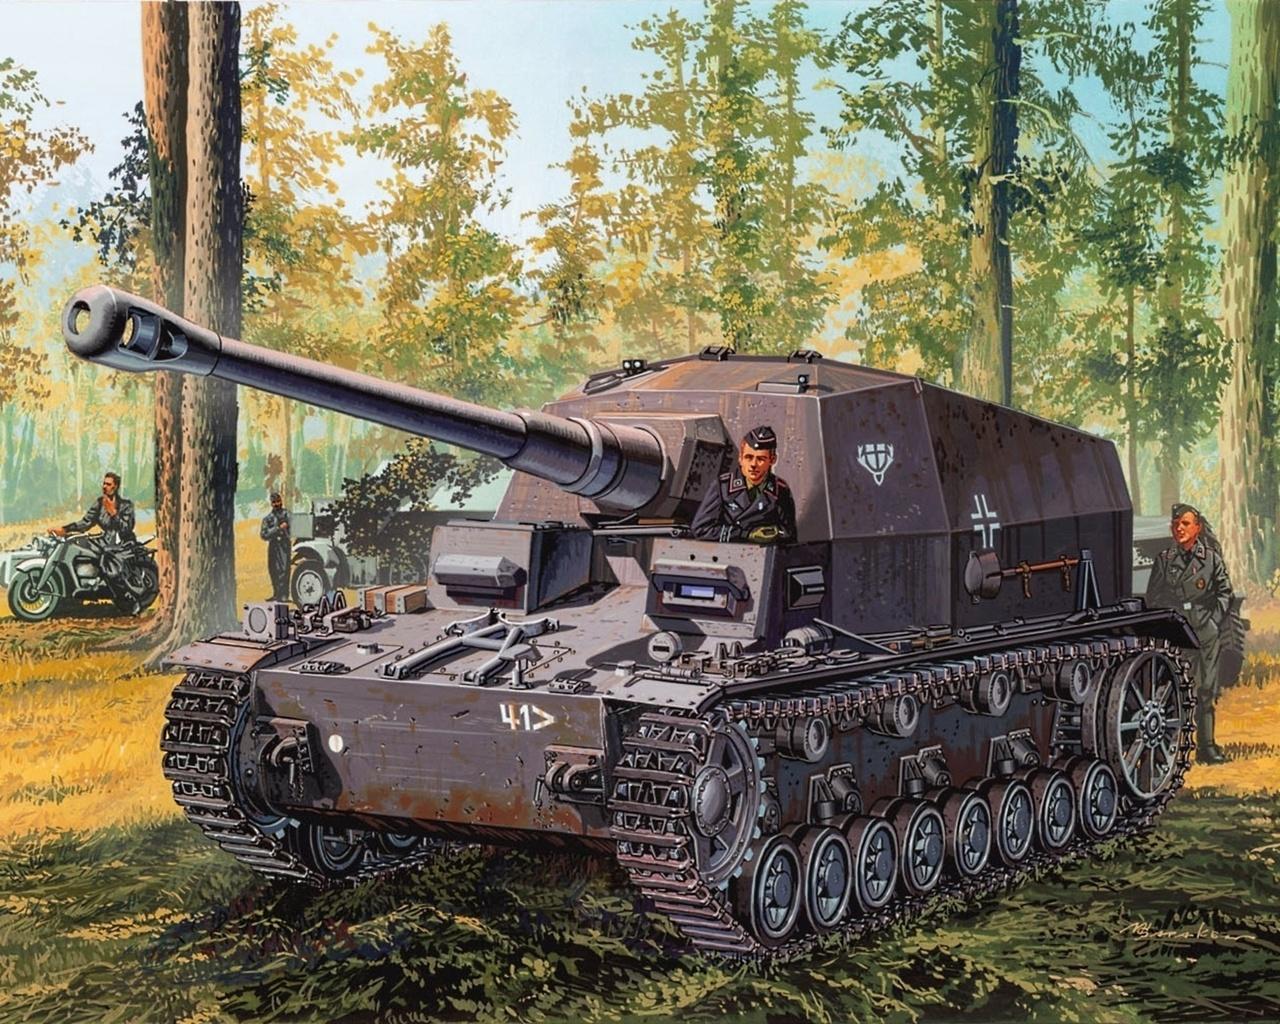 пт сау, истребитель танков, Рисунок, 10.5 cm k gp.sfl., d.max